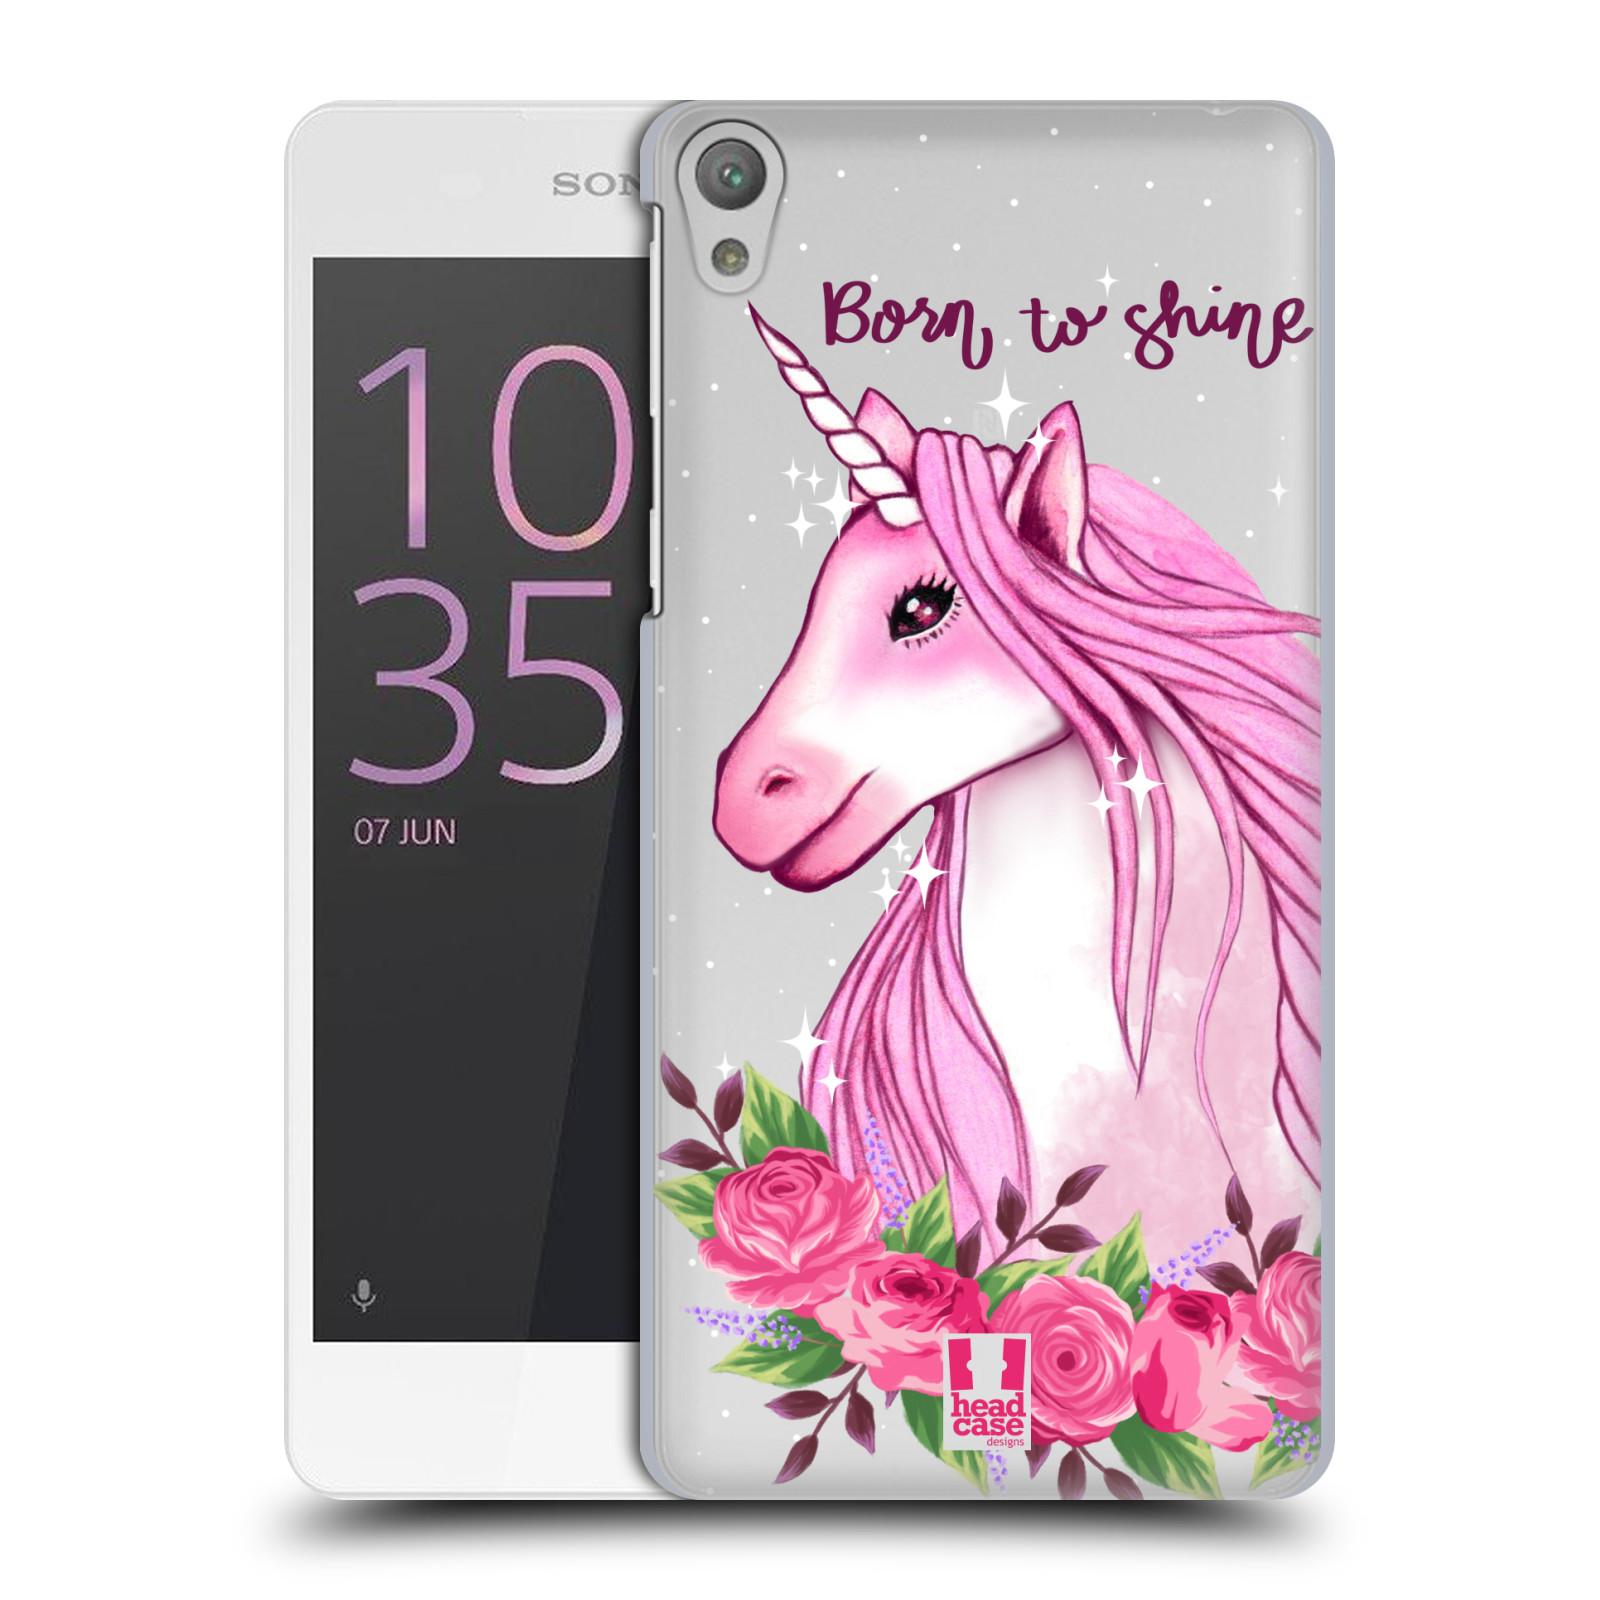 Plastové pouzdro na mobil Sony Xperia E5 - Head Case - Jednorožec - Born to shine